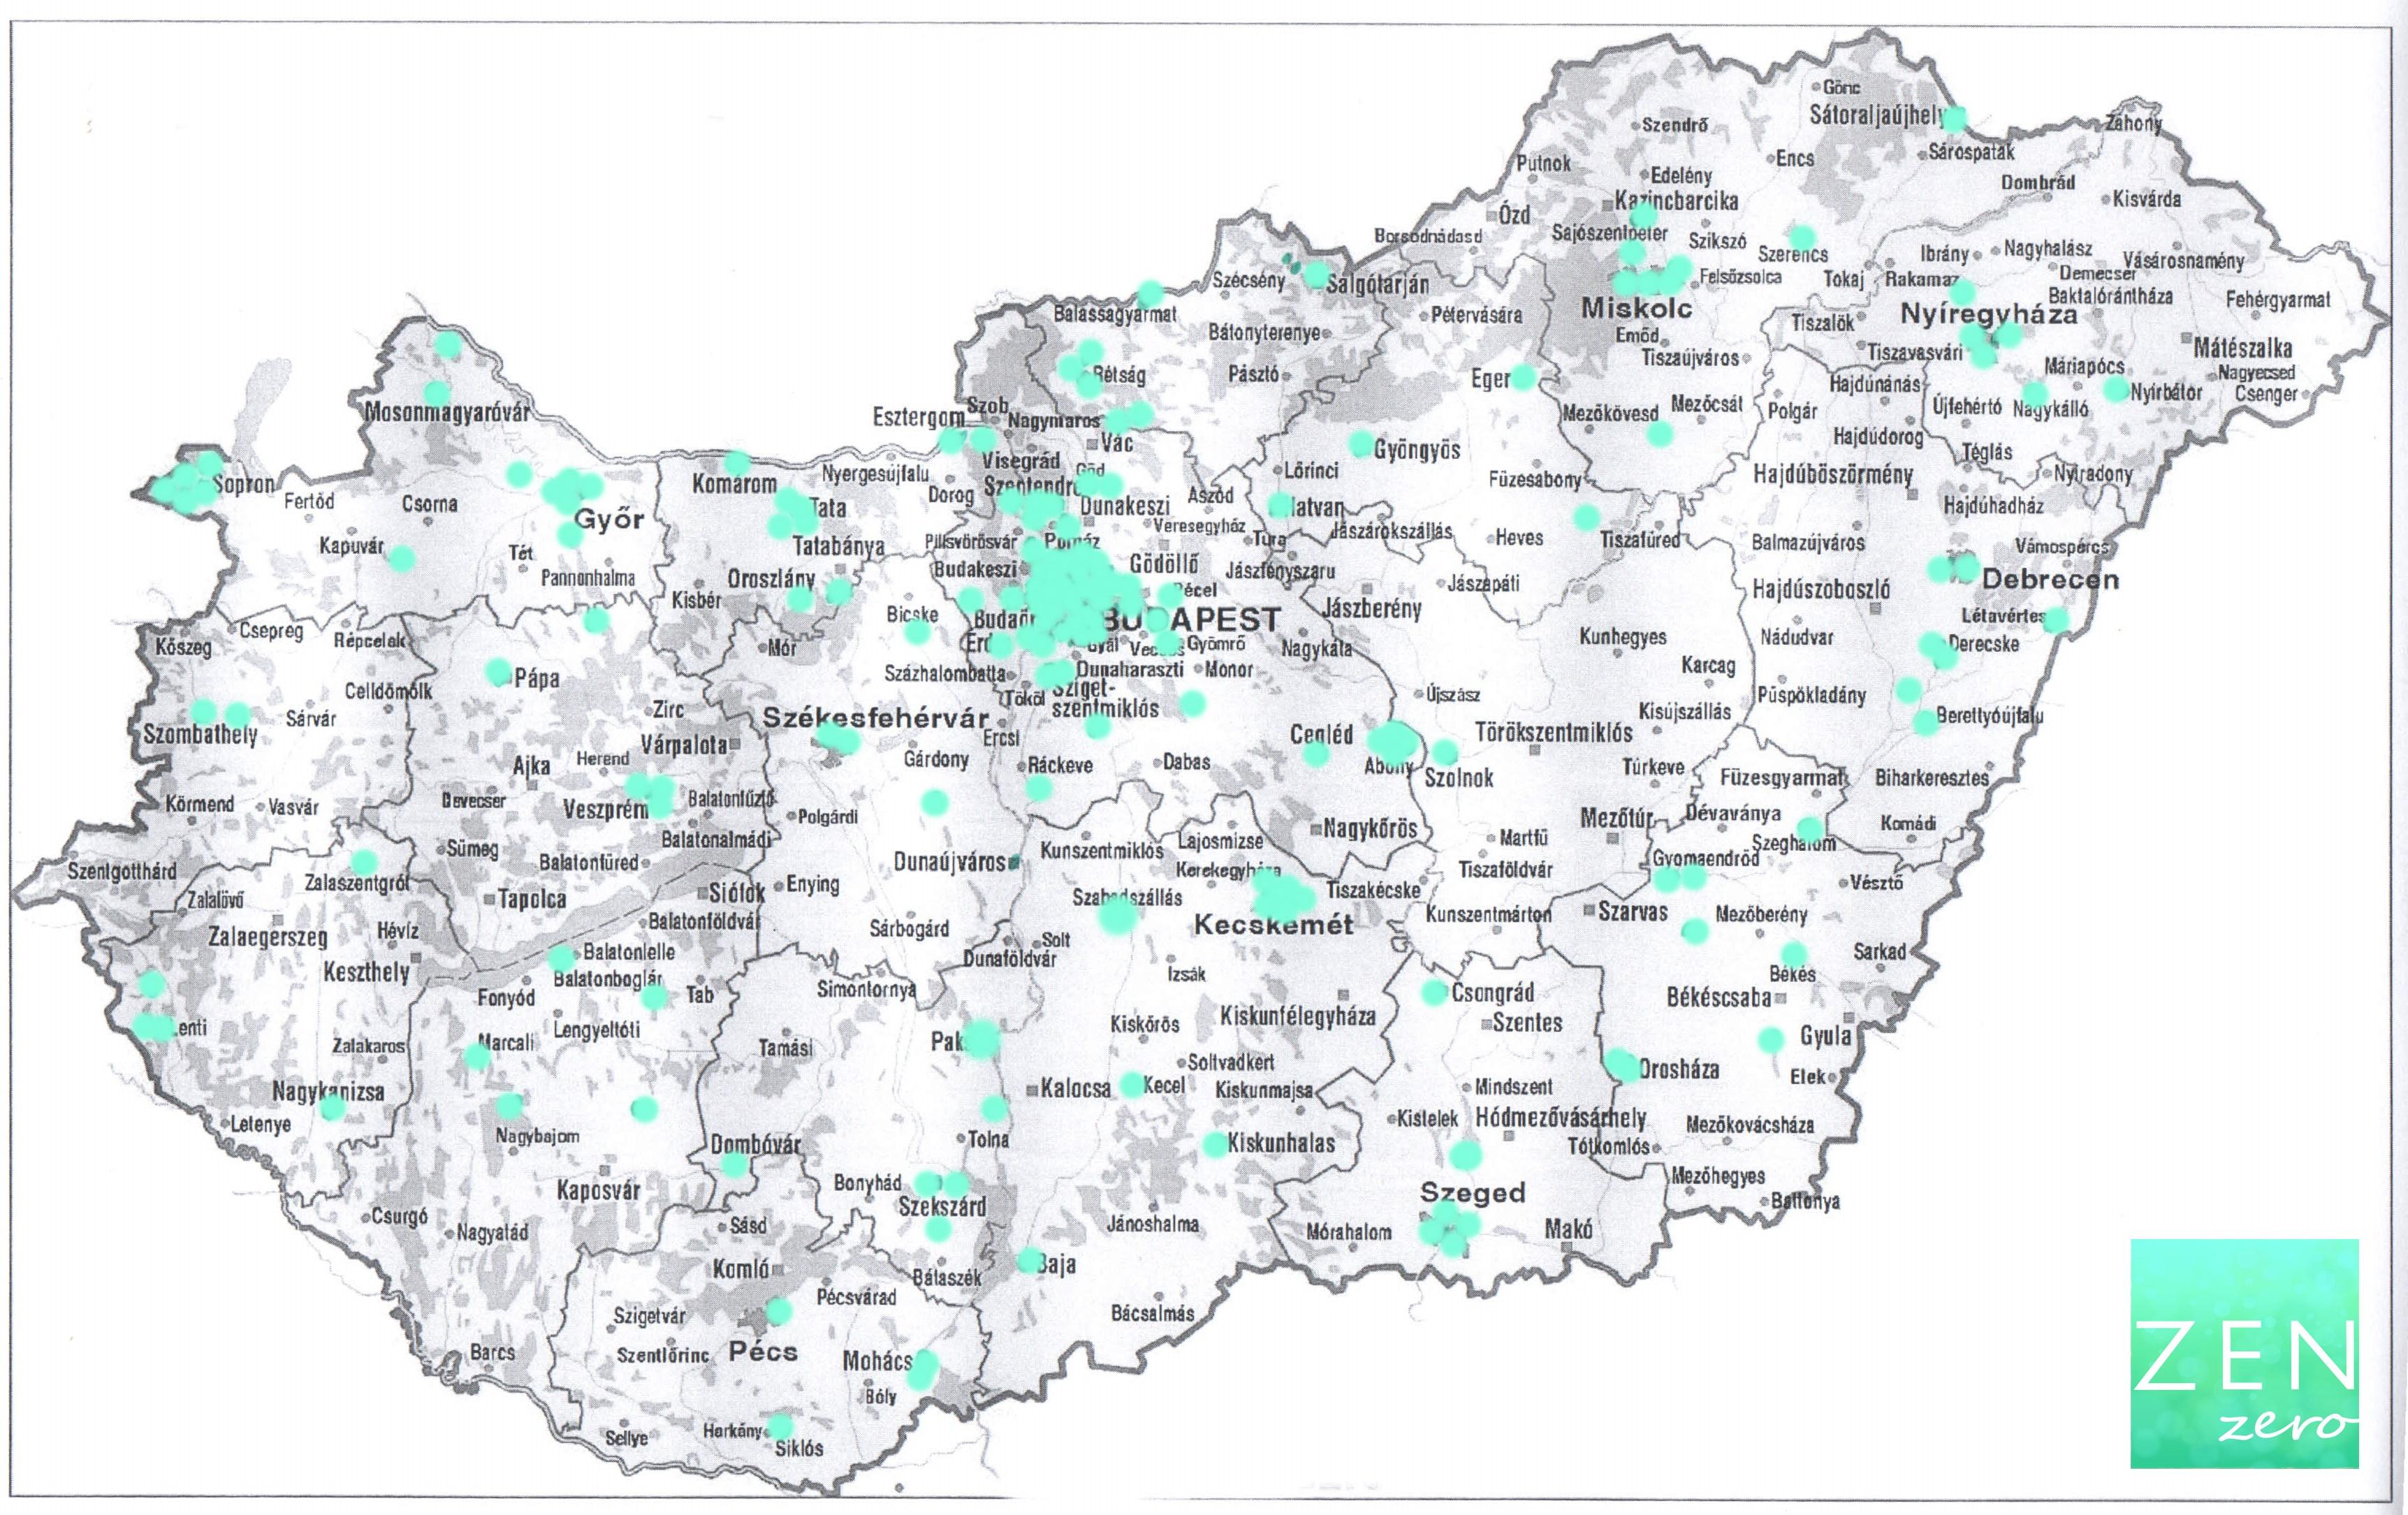 magyarország térkép bonyhád Így néz ki Magyarország zenzero térképe magyarország térkép bonyhád